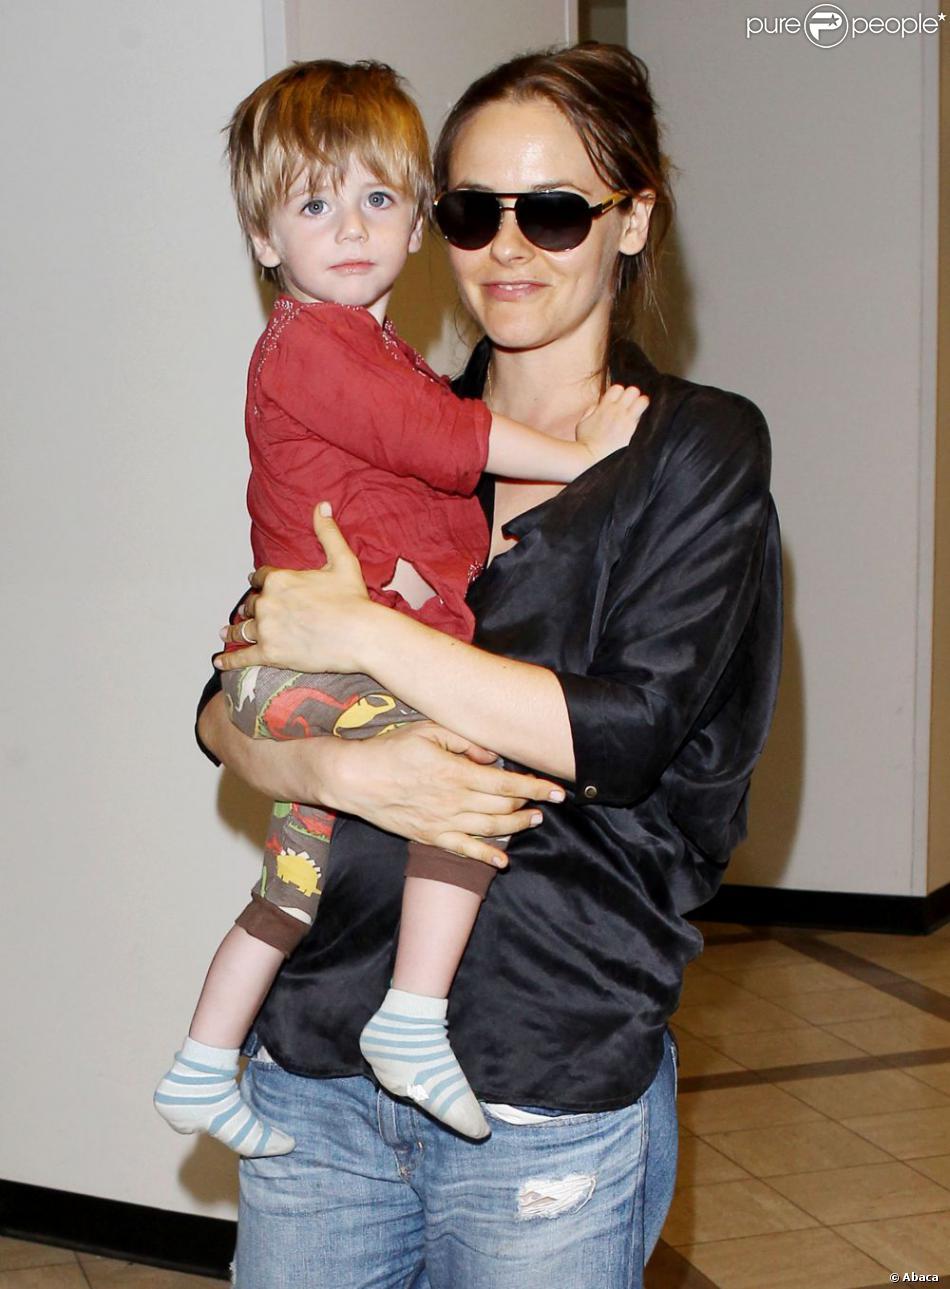 Alicia Silverstone et son fils Bear Blu Jarecki à l'aéroport LAX de Los Angeles, le 3 juin 2013.